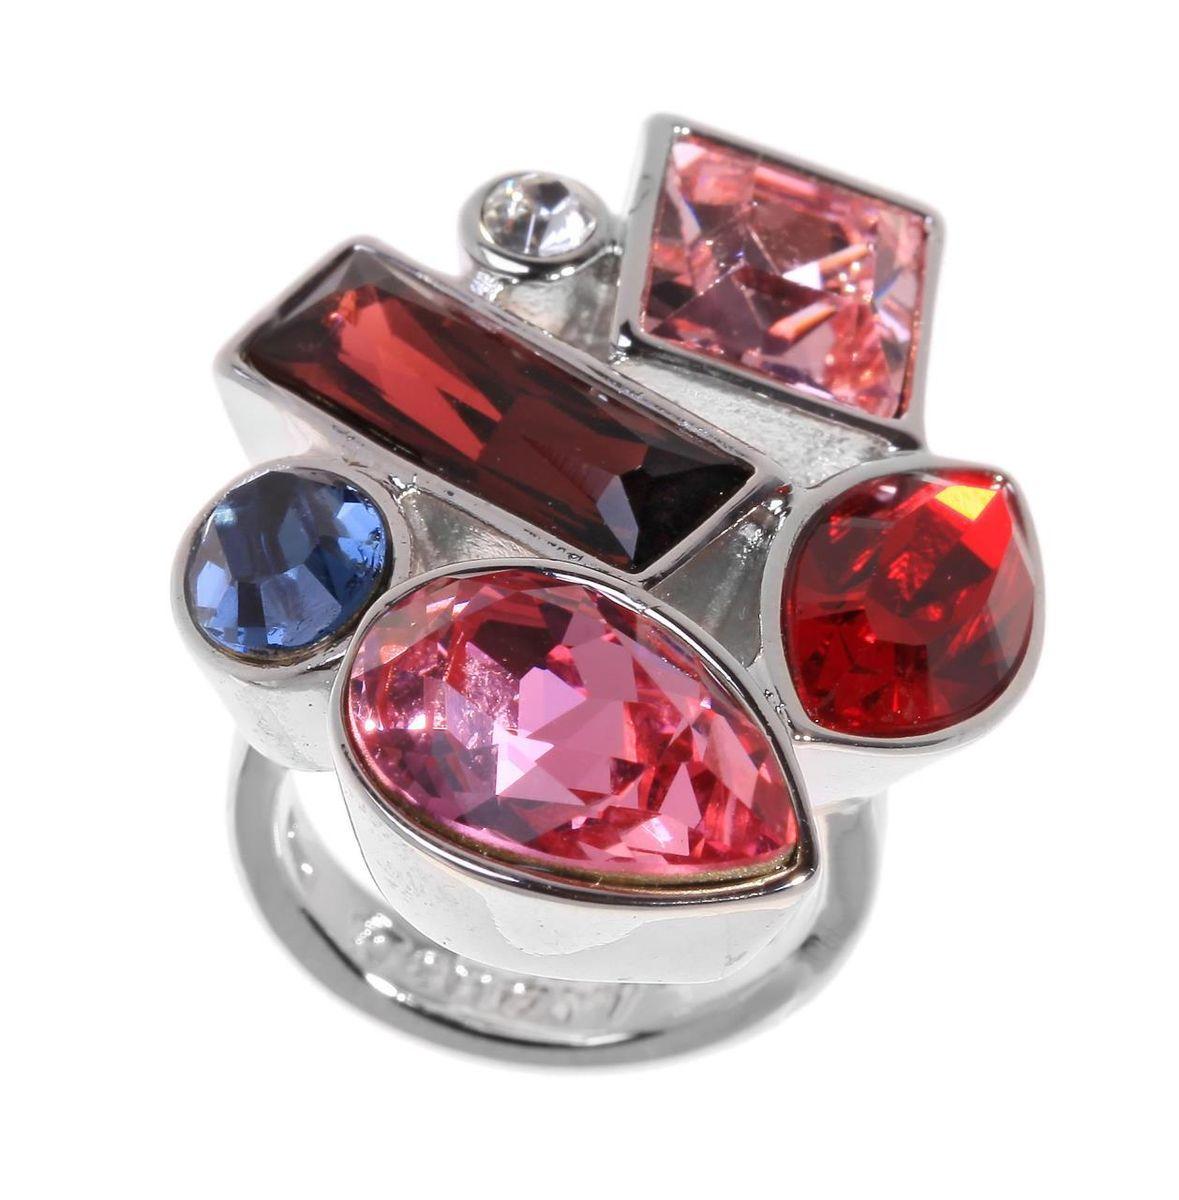 Кольцо Jenavi Коллекция Виктуар SW Элюар, цвет: серебряный, красный. r597f016. Размер 21r597f016Коллекция Виктуар SW, Элюар (Кольцо) гипоаллергенный ювелирный сплав,Серебрение c род. , вставка Кристаллы Swarovski , цвет - серебряный, красный, размер - 21 избегать взаимодействия с водой и химическими средствами